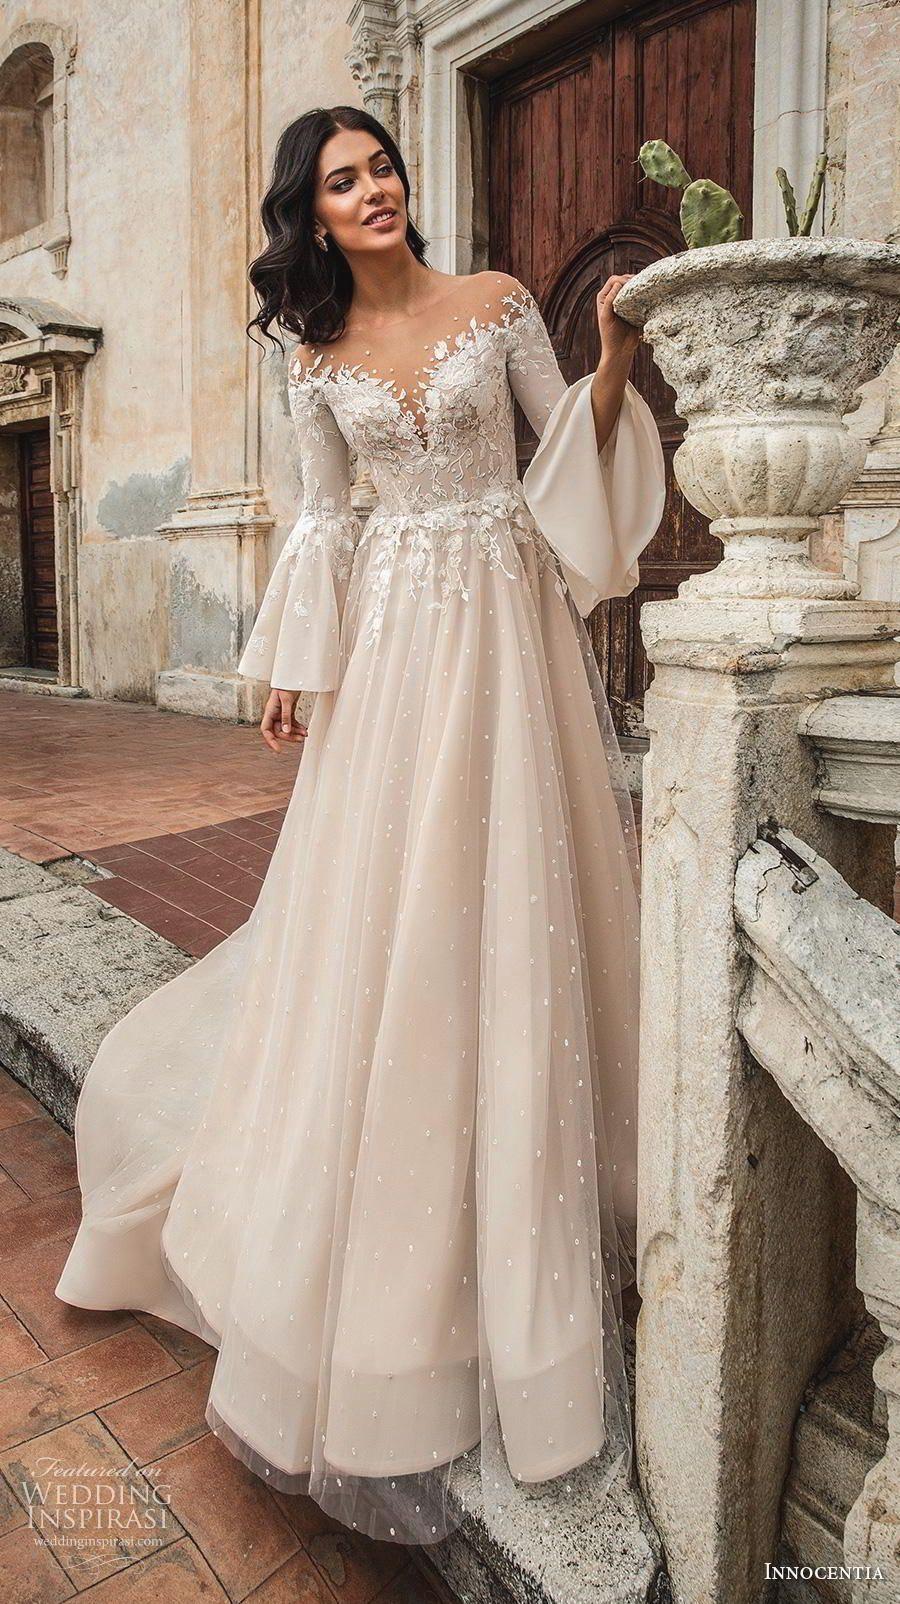 Hochzeit Inspirasi Hochzeit Hochzeiten Braut Hochzeitskleid Hochzeitskleid Braut Mode Myoyun Org Styling In 2020 Braut Brautkleid Brautkleid Lange Armel